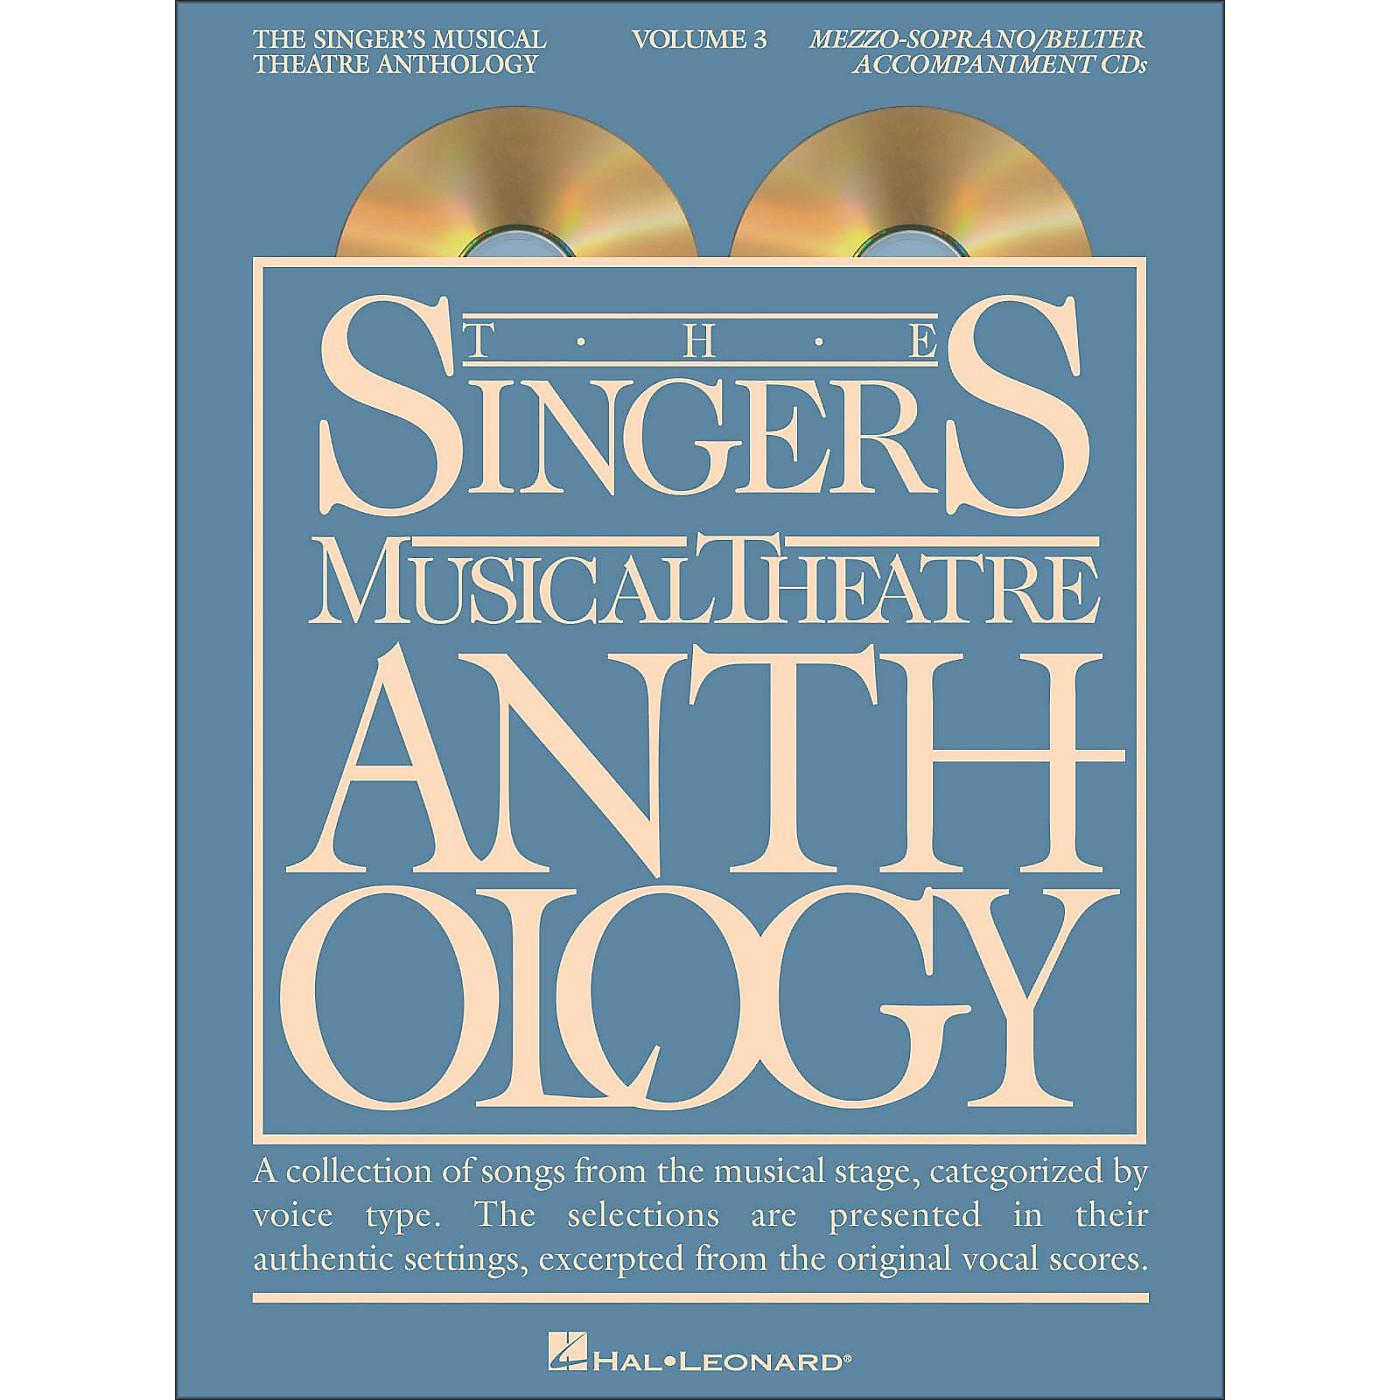 Hal Leonard Singer's Musical Theatre Anthology for Mezzo-Soprano / Belter Volume 3 2CD's Accompaniment thumbnail